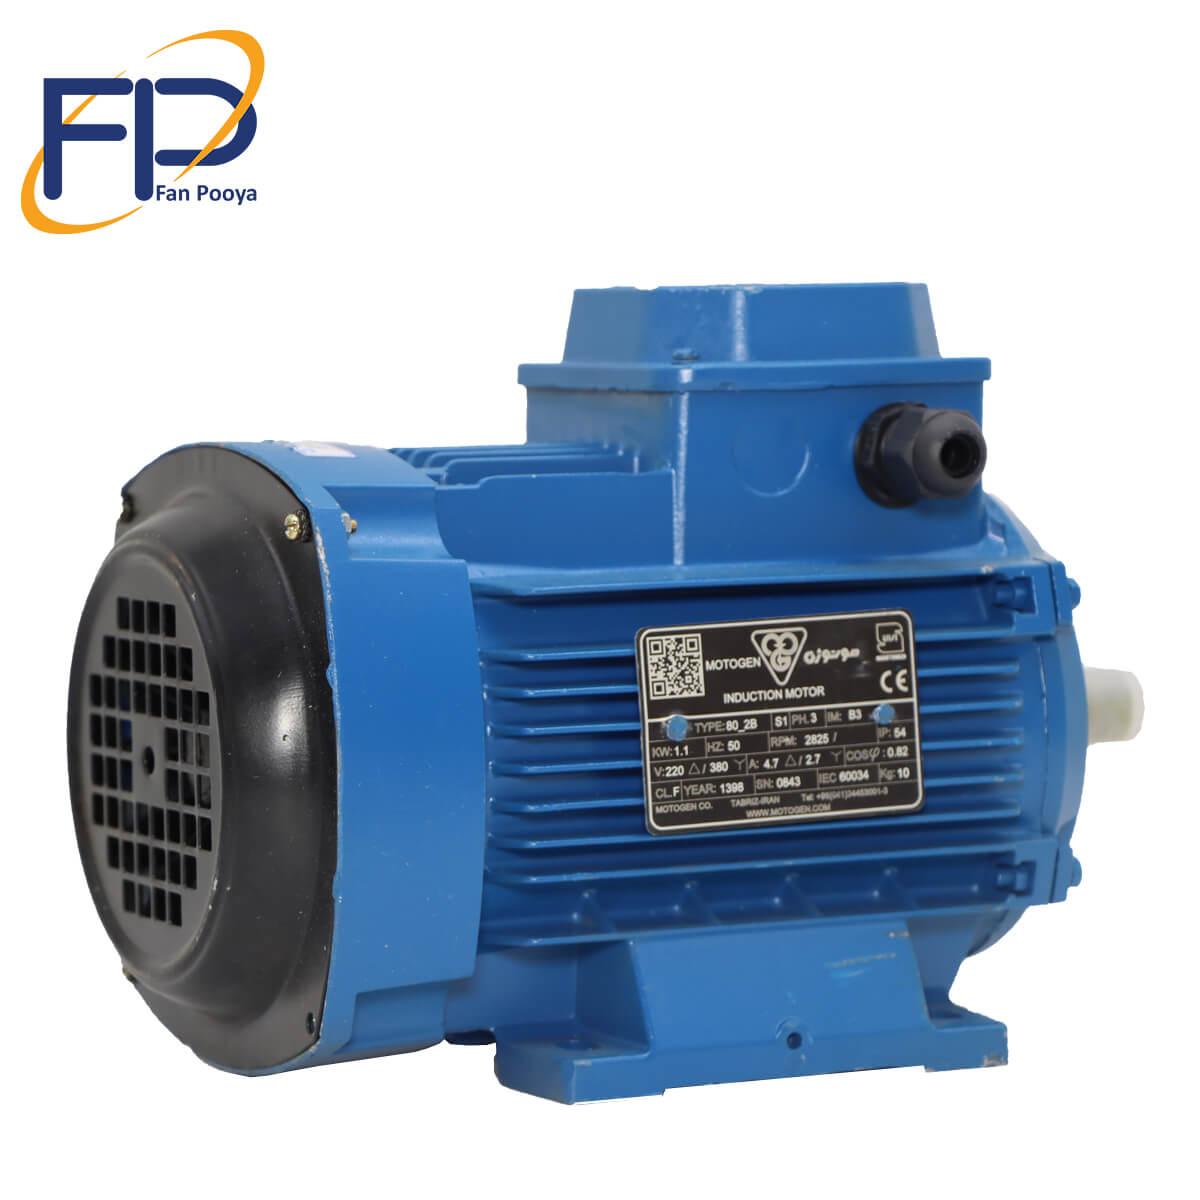 الکترو موتور موتوژن قدرت 1.1kw کیلو وات1500دور